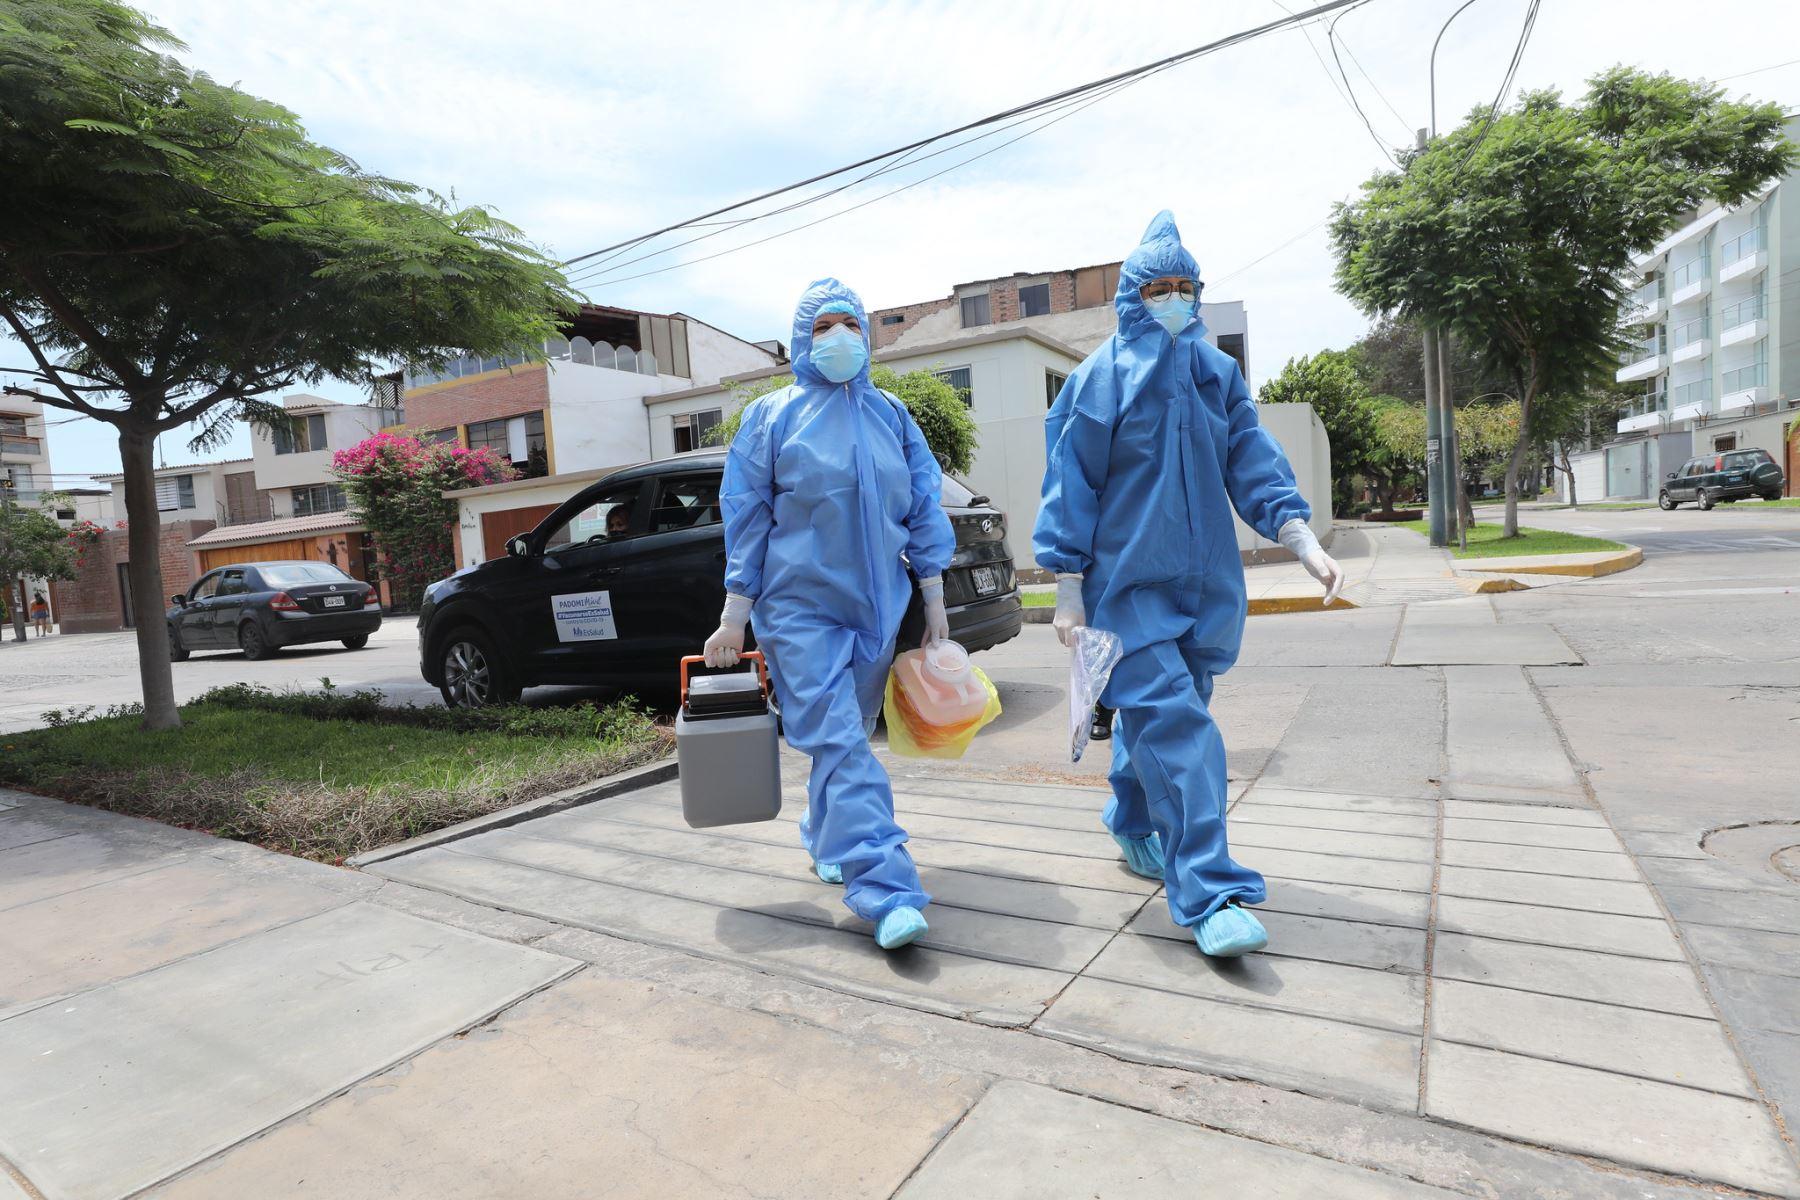 Covid-19: Vacunarán en casa a pacientes imposibilitados de desplazarse de Lima y Callao Foto: Essalud